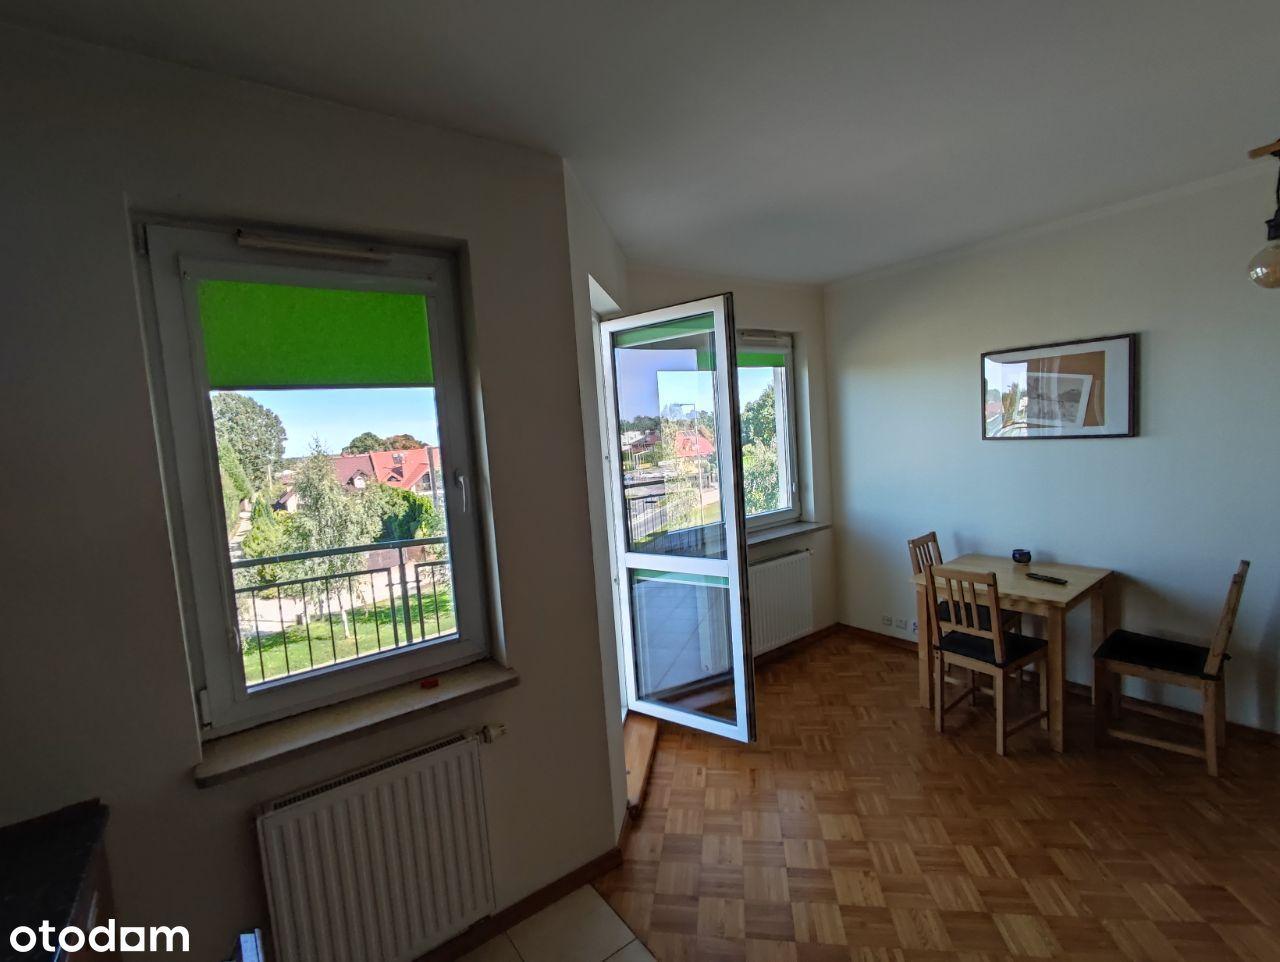 Wynajmę mieszkanie Warszawa Kabaty 46m 2 pok garaż